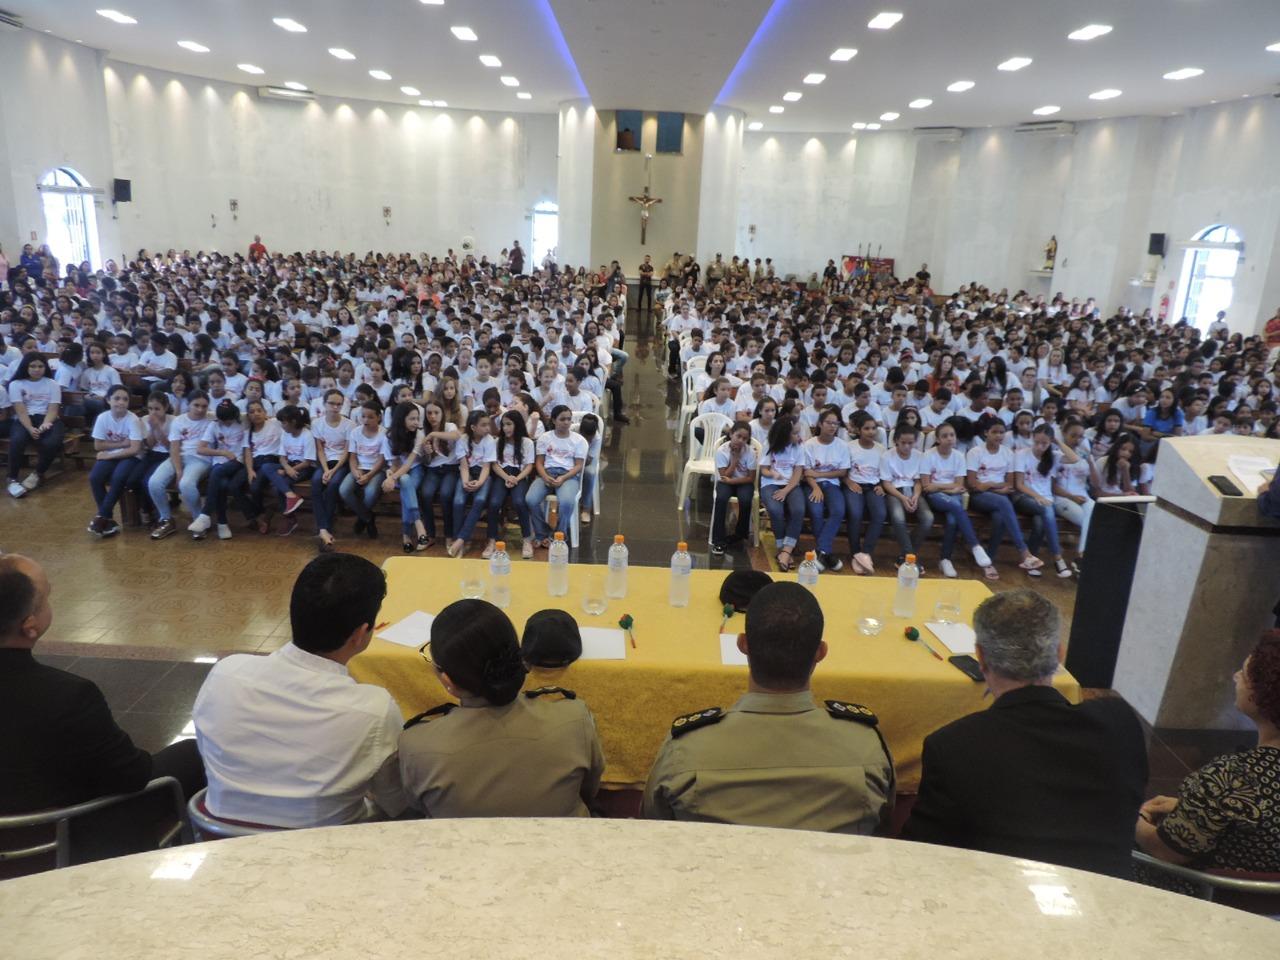 Polícia Militar realiza formatura de 881 alunos do Proerd em Paraíso